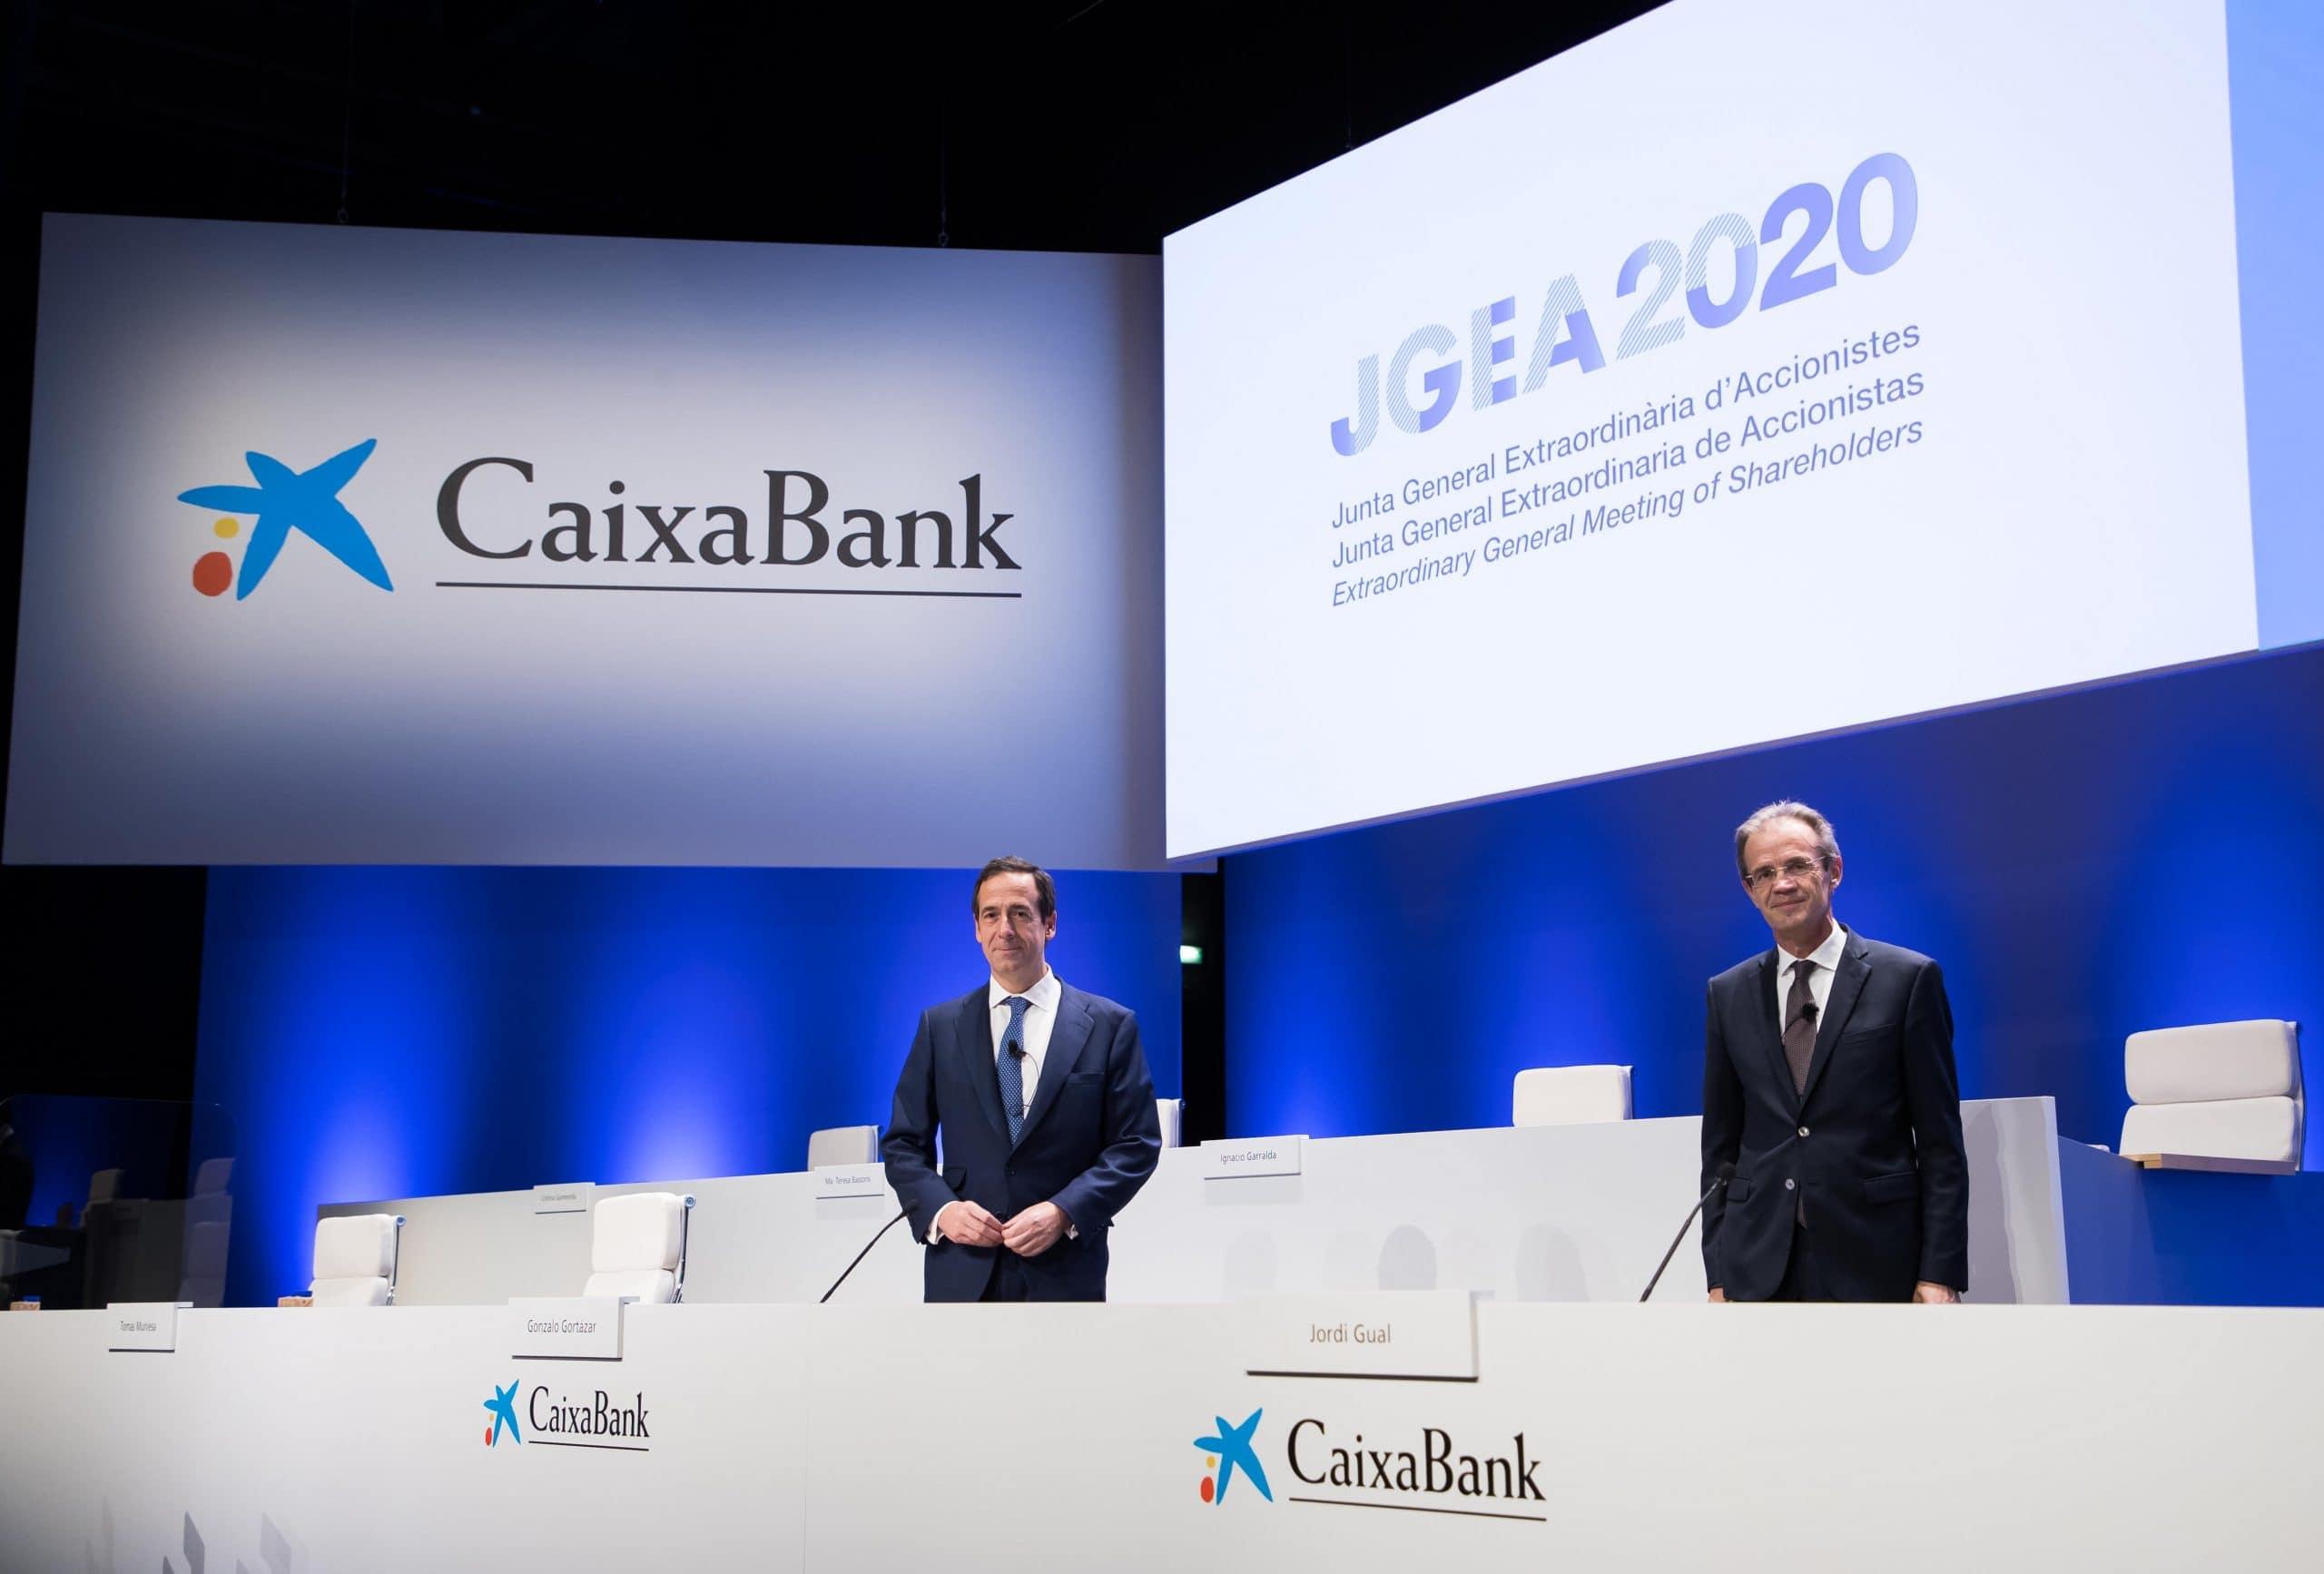 Els accionistes de CaixaBank aproven la fusió amb Bankia per crear una entitat més forta i més solvent